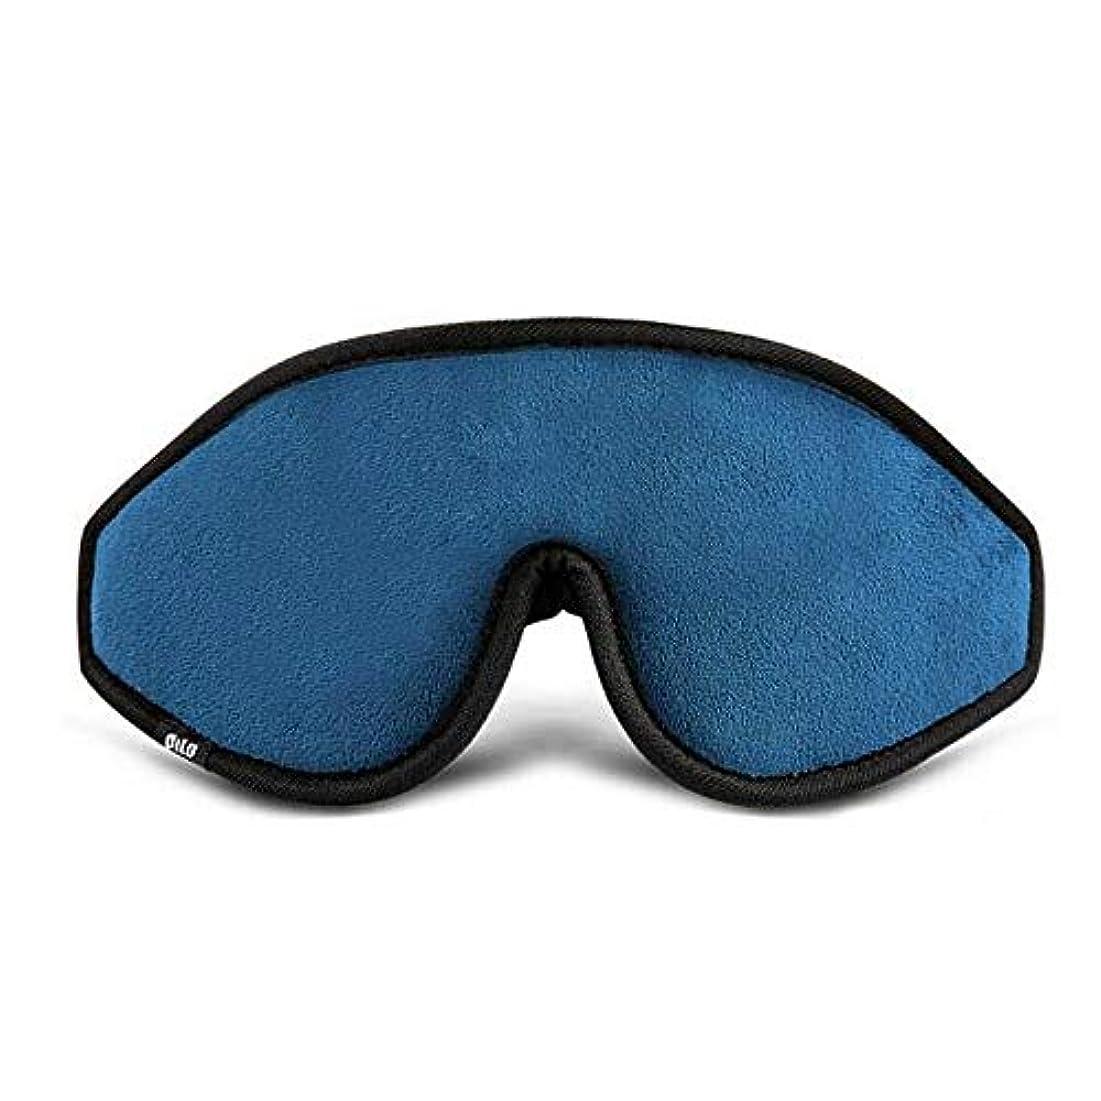 マーキー支援する染料HUICHEN 3D立体ゴーグルゴーグル睡眠睡眠停電ゴーグル素敵な男性と女性のない睡眠補助ゴーグルアイゴーグル圧力 (Color : Blue)